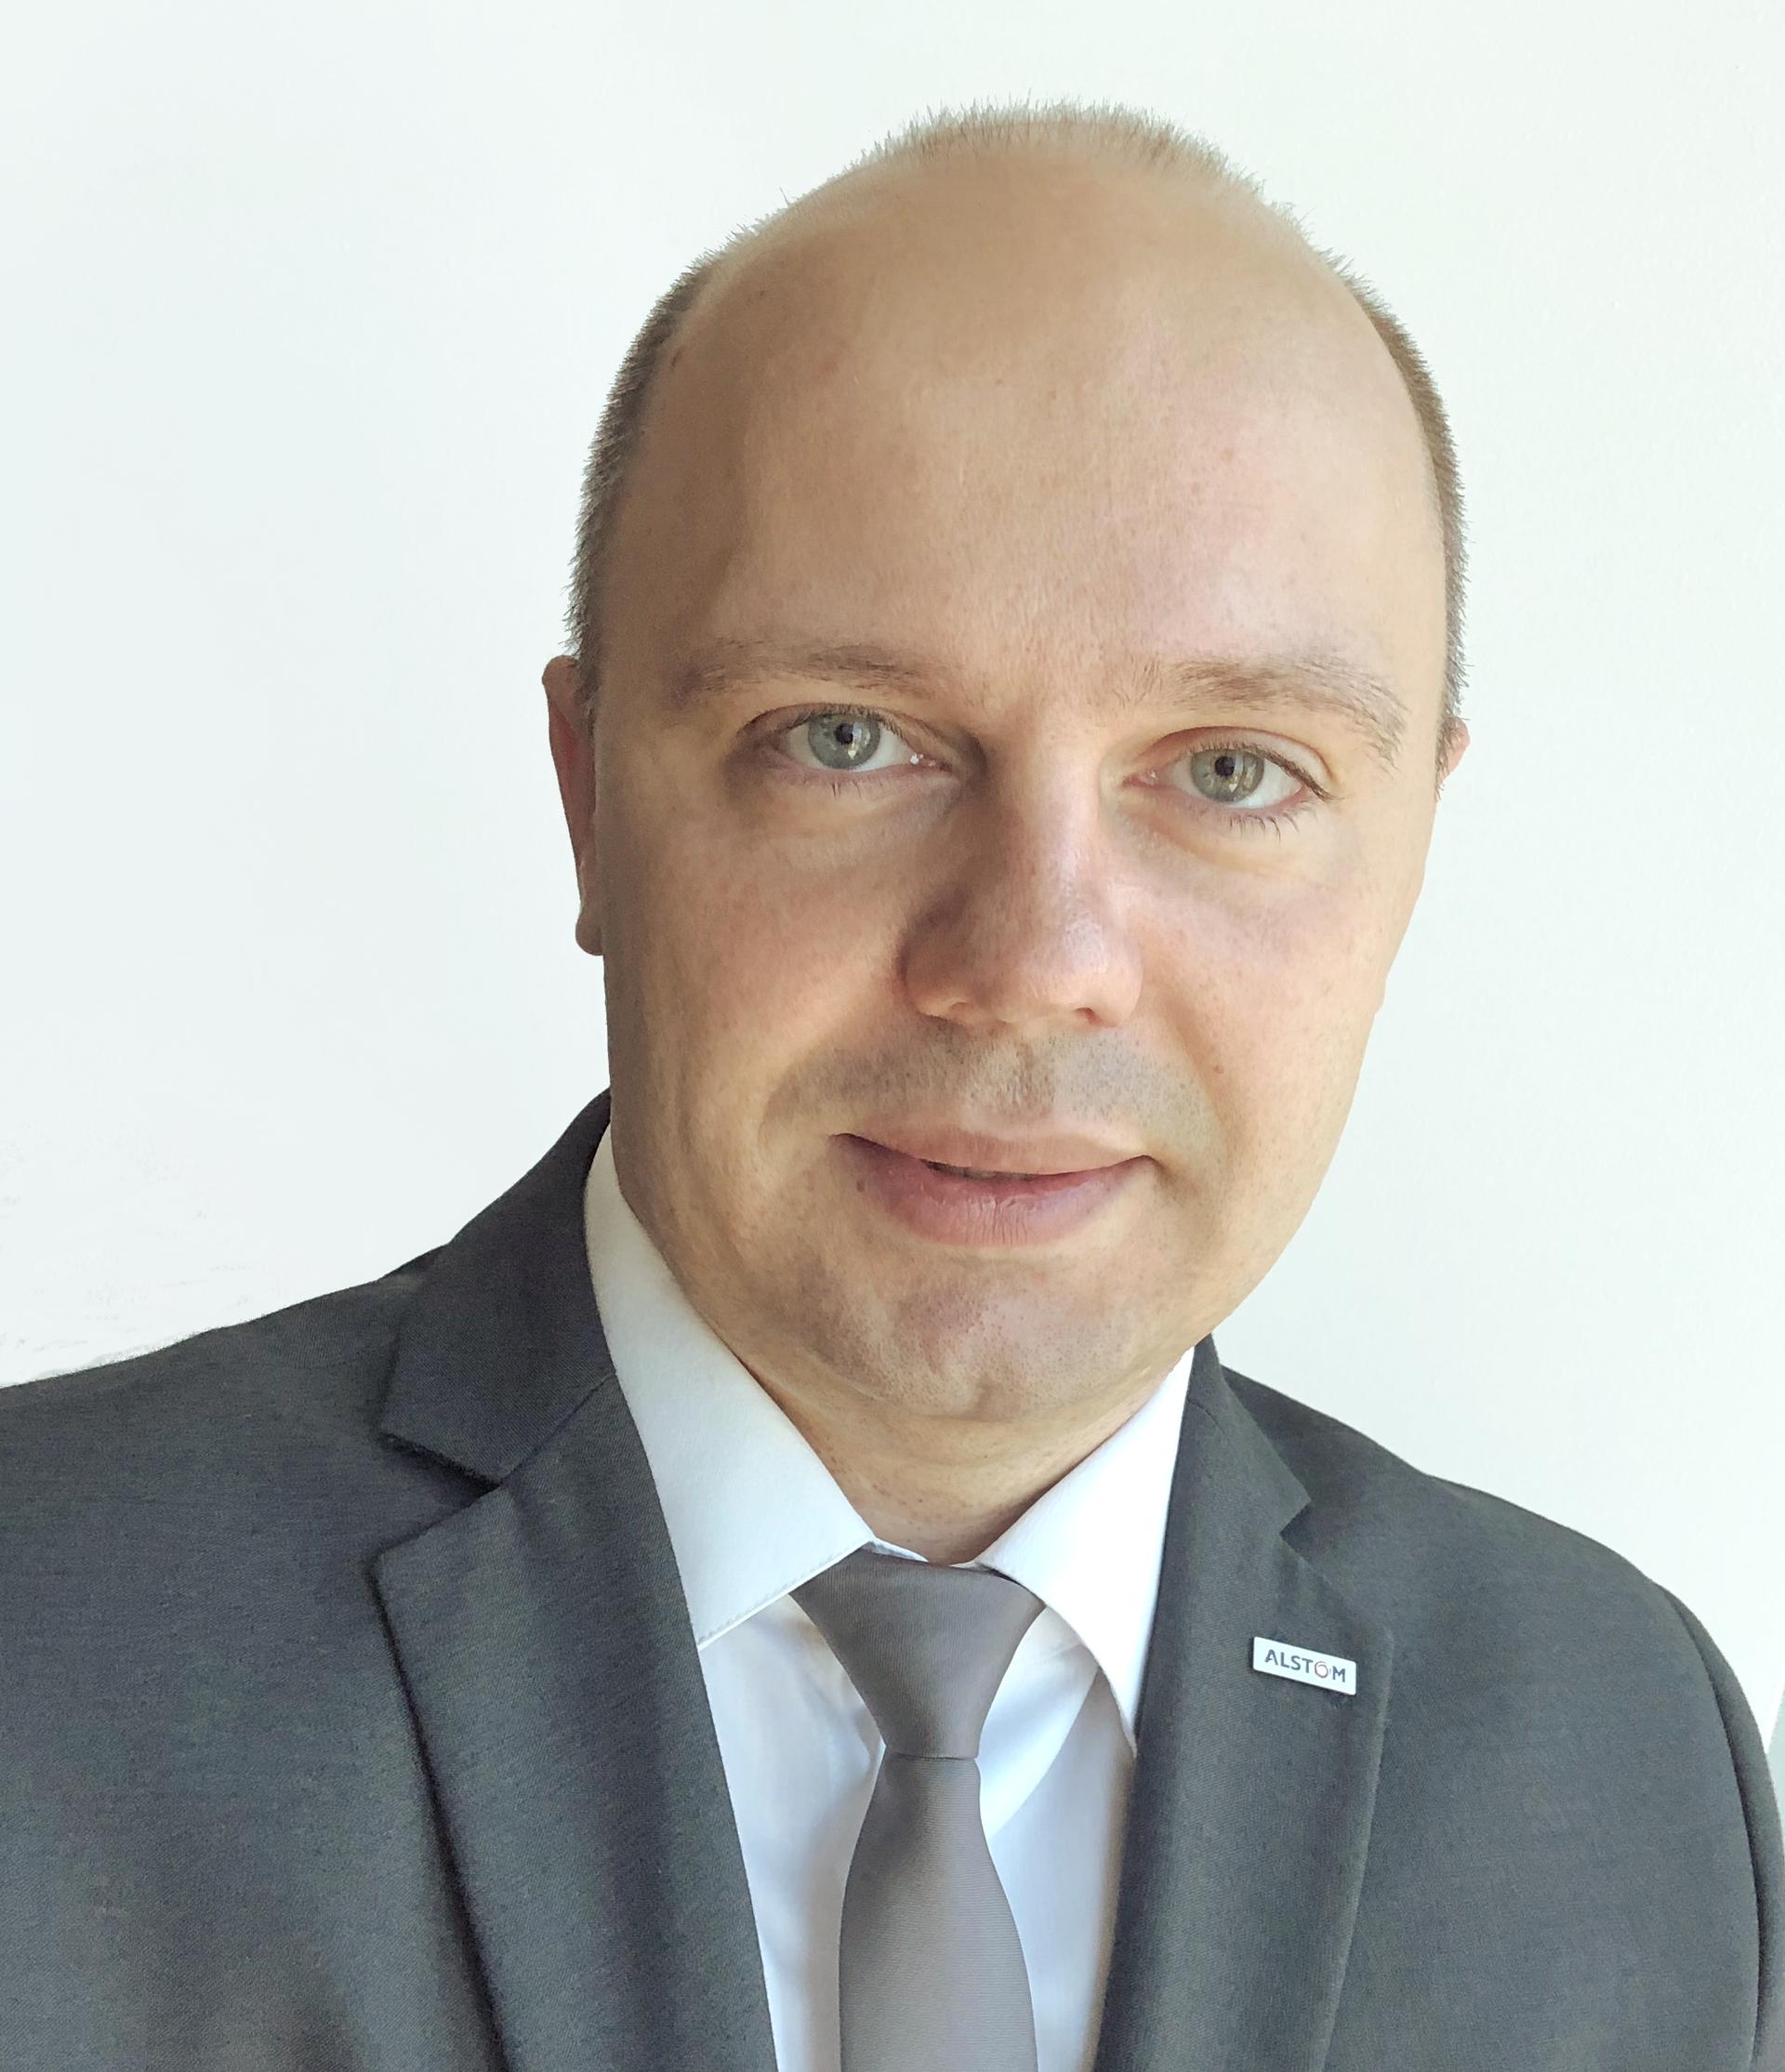 Alstom otwiera przedstawicielstwo w Kijowie i zatrudnia menedżera ds. rozwoju biznesu